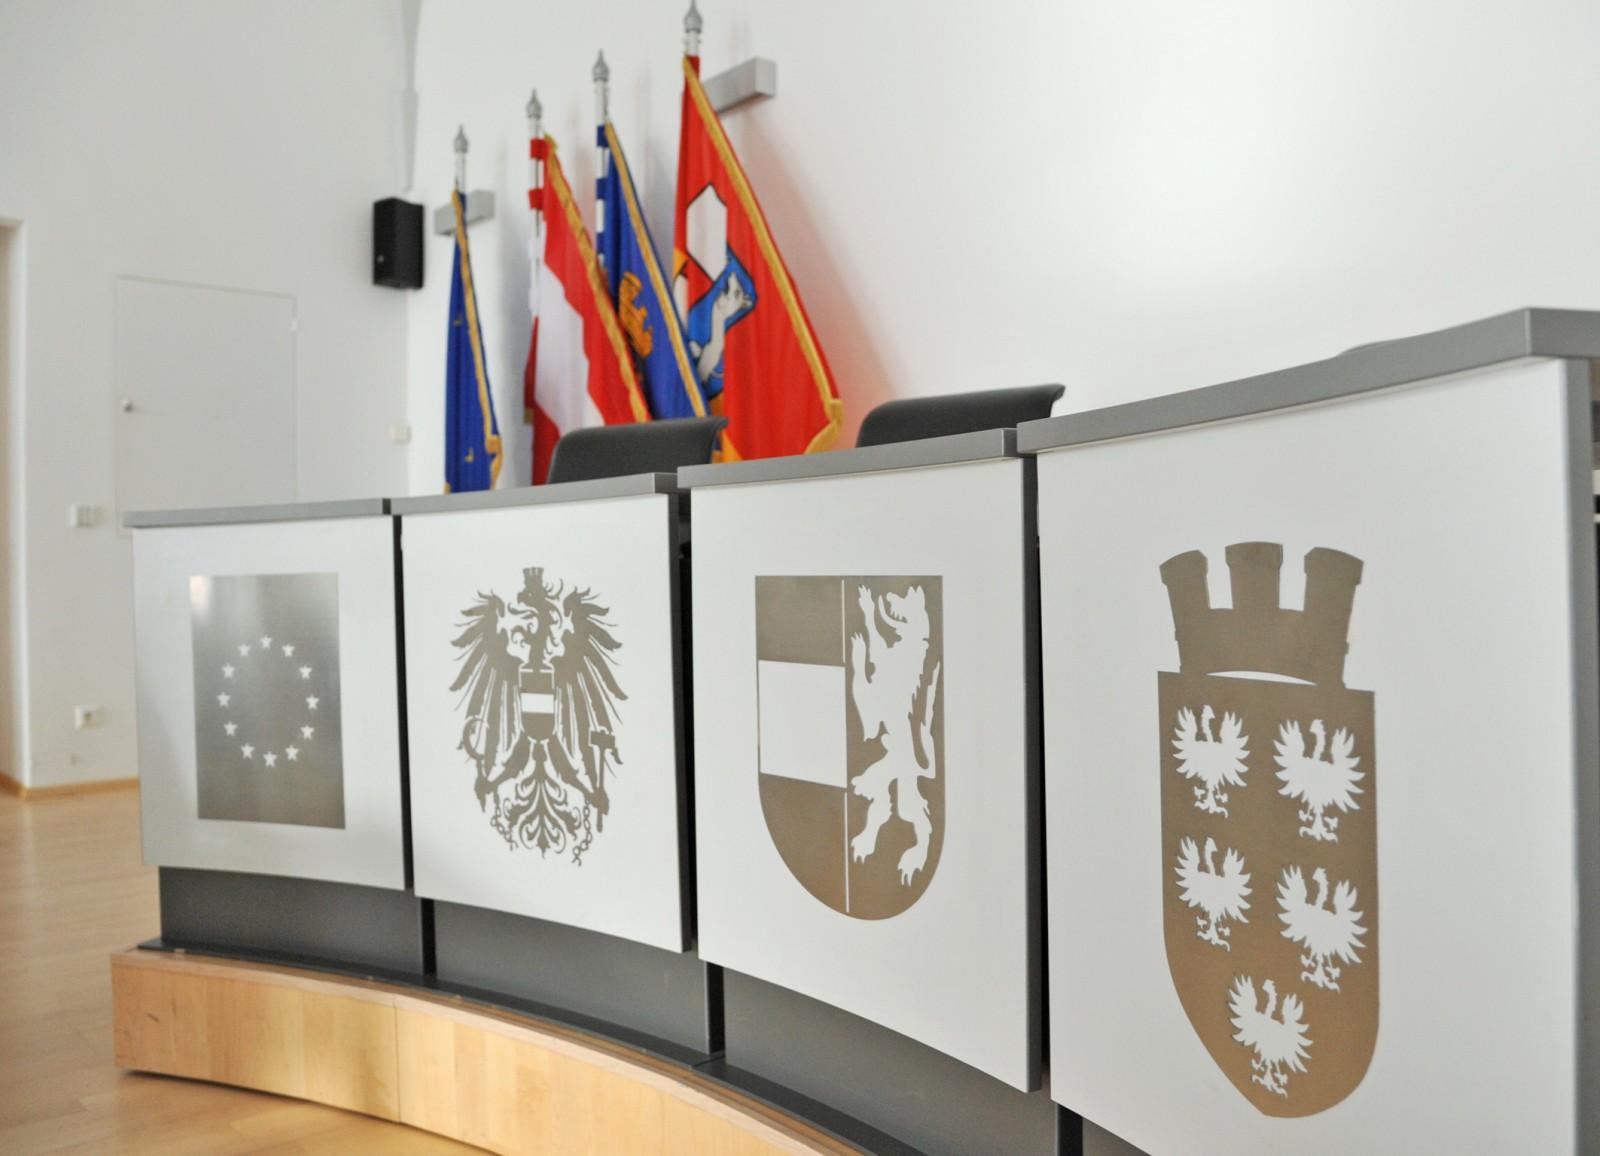 Beschlüsse im Stadtsenat und Gemeinderat am 27. März